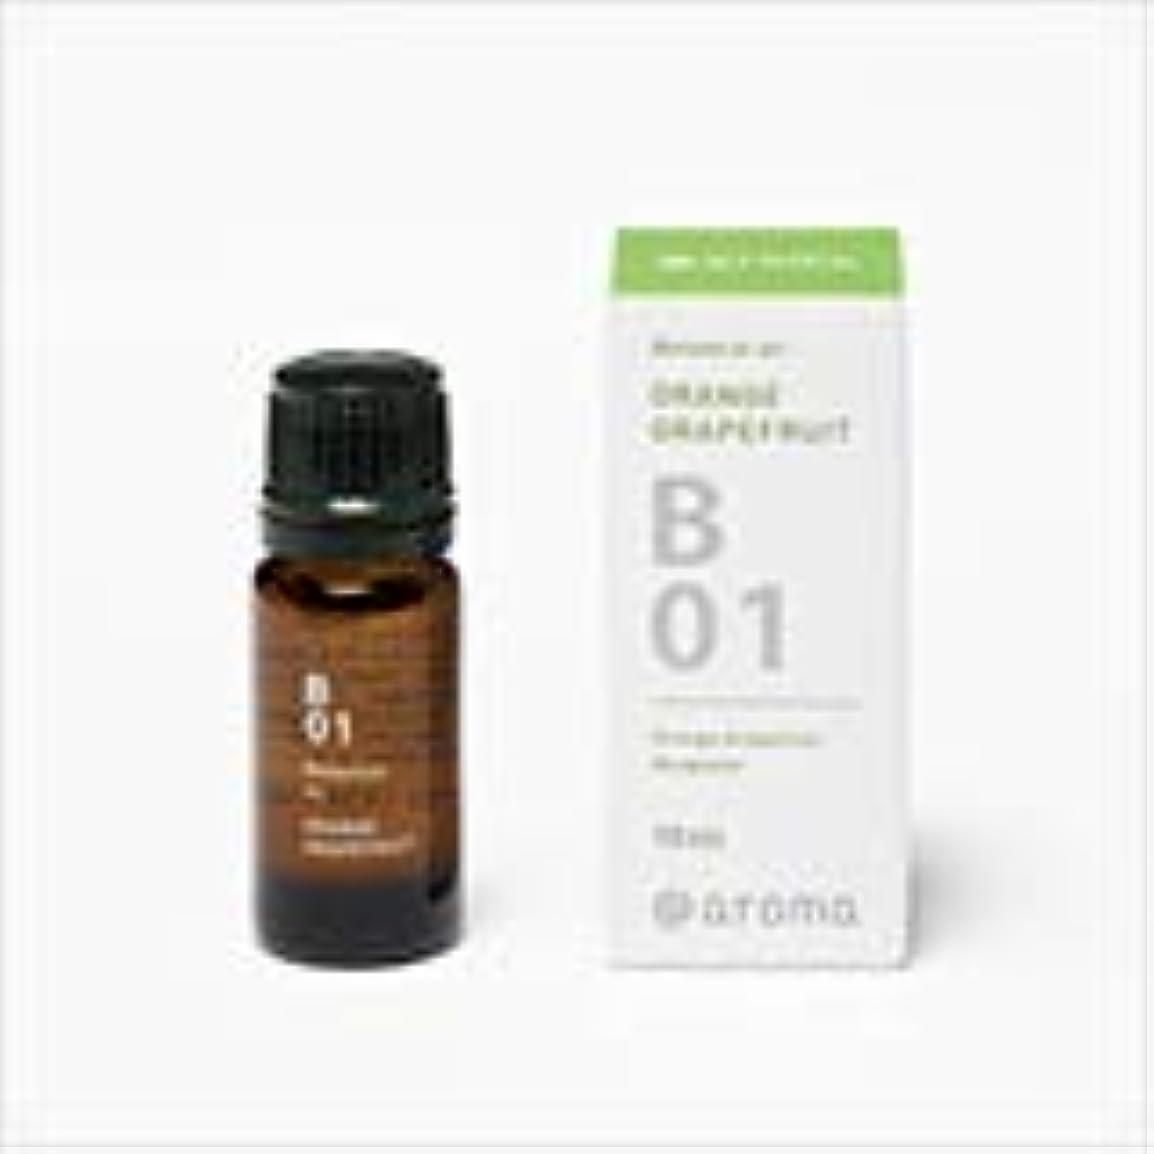 によると快適ガソリンアットアロマ 100%pure essential oil <Botanical air ジュニパーシダー>